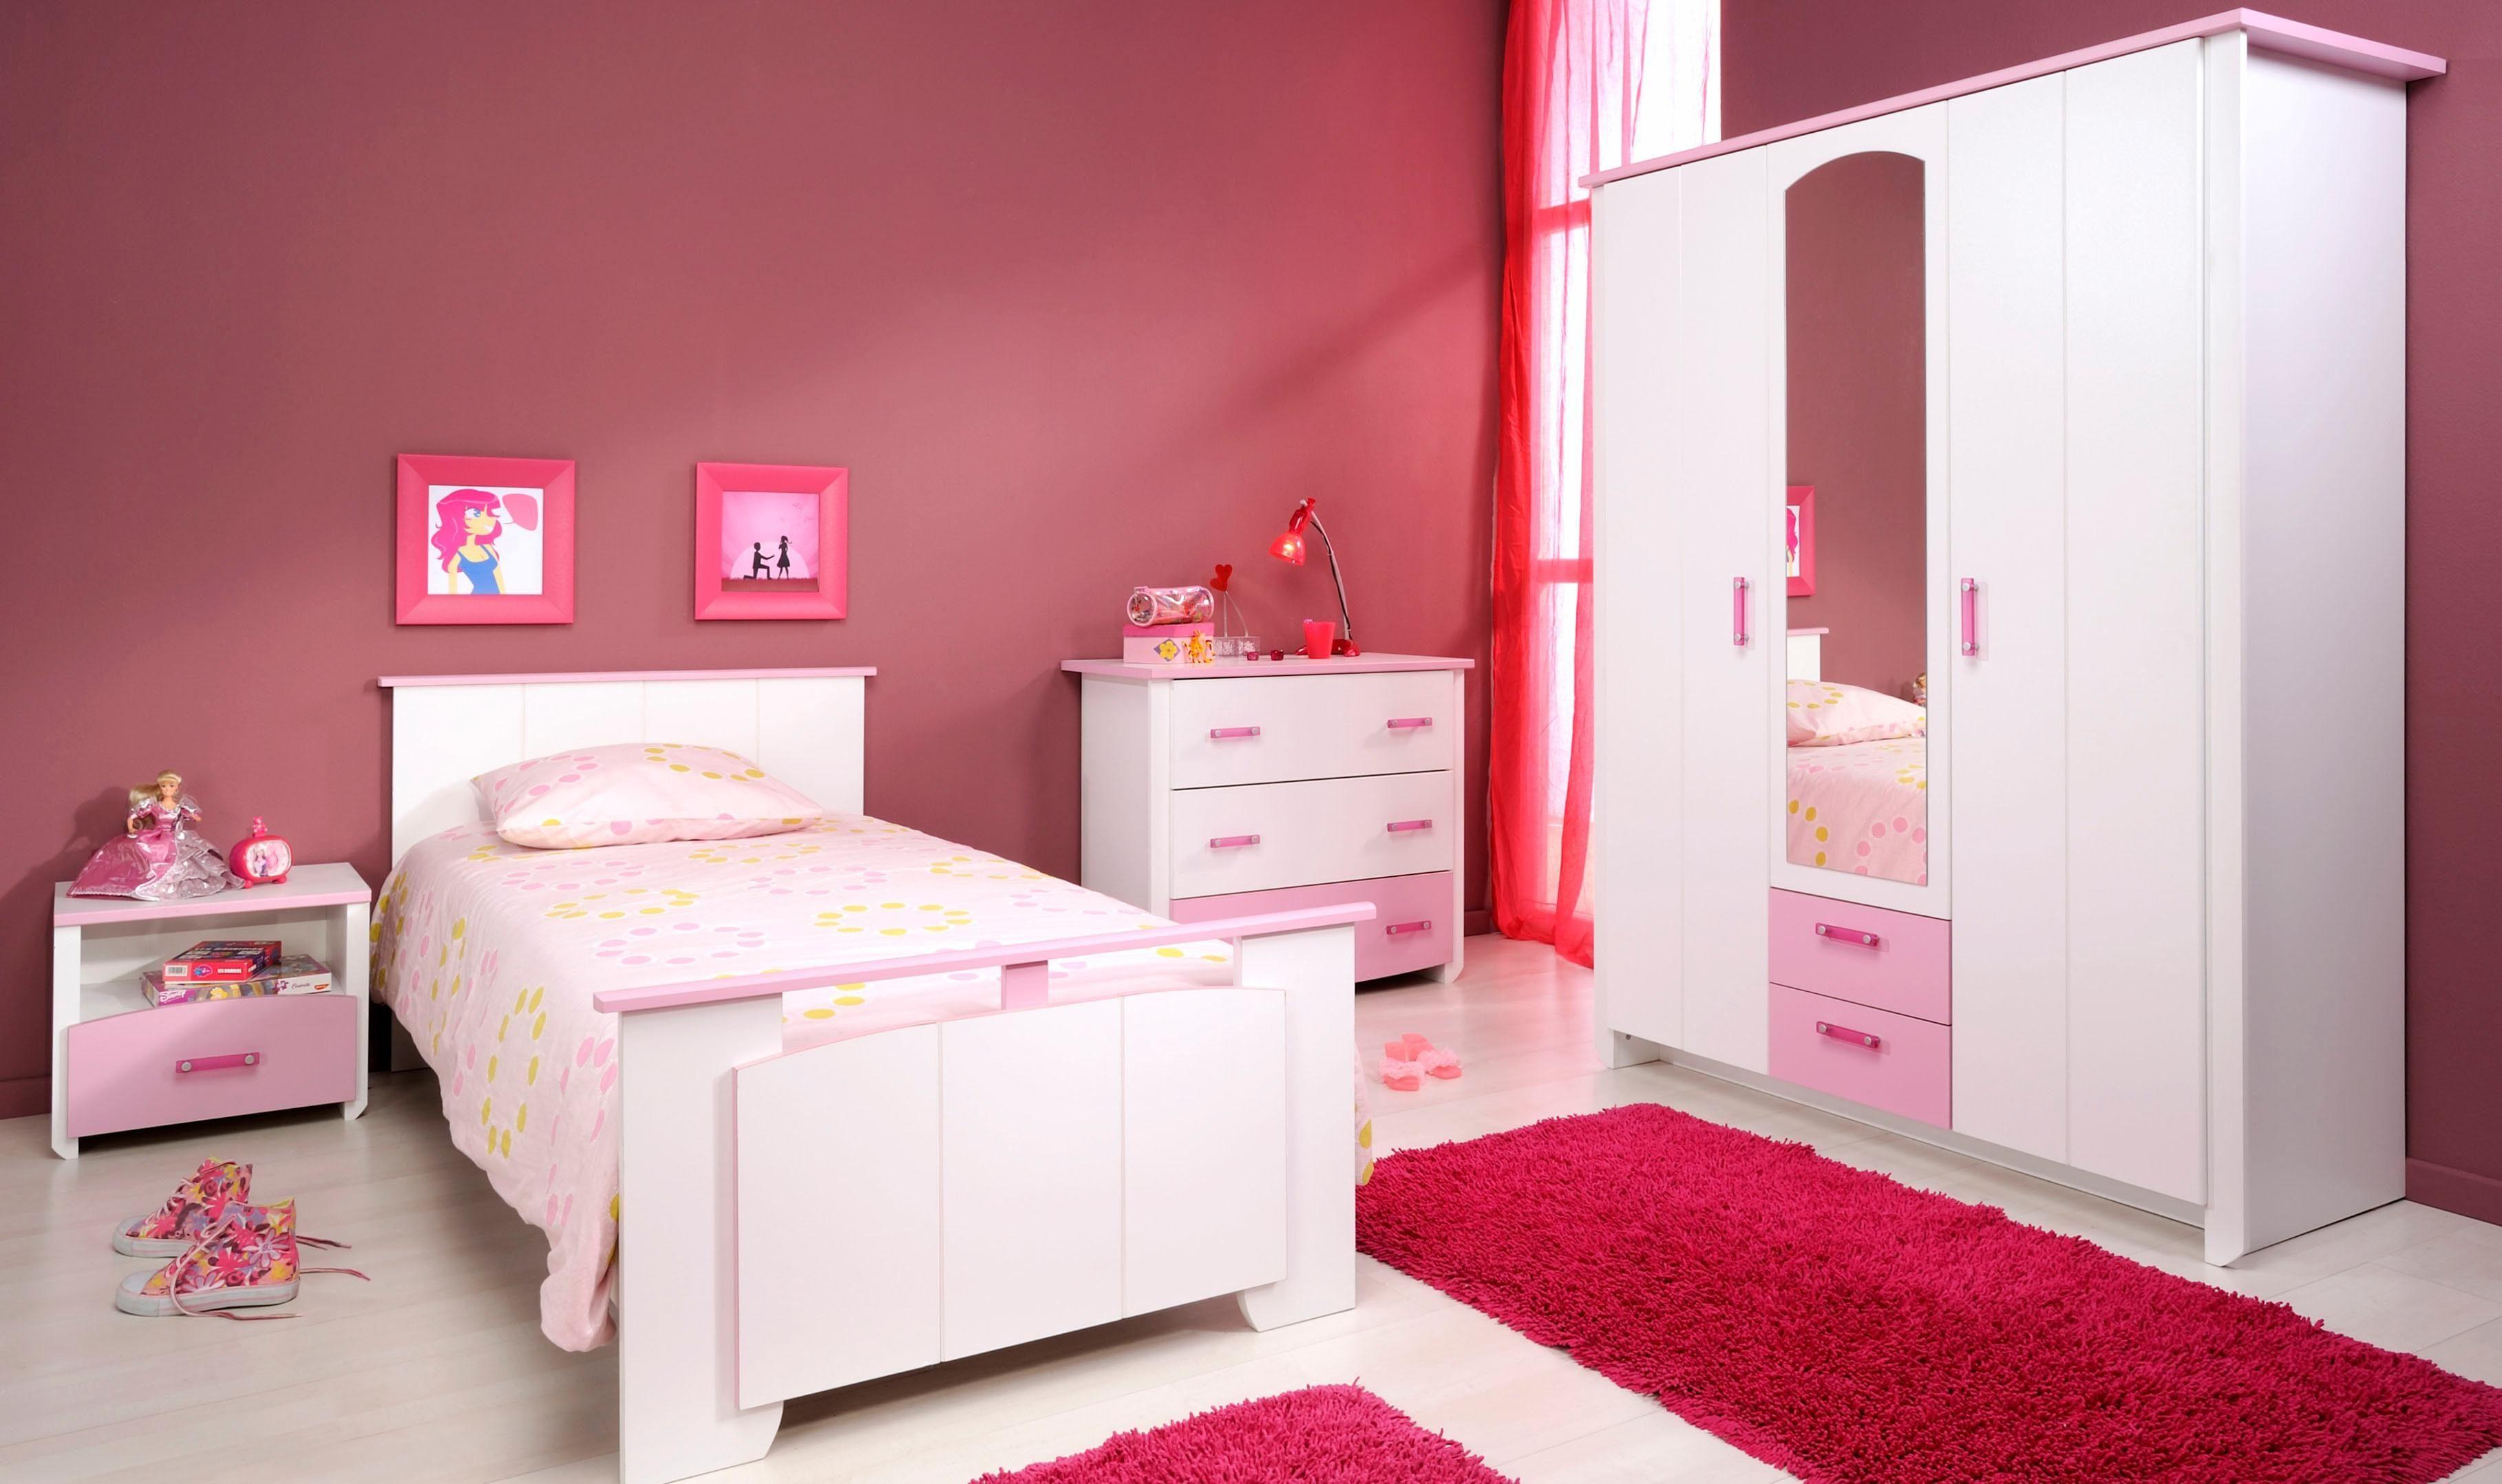 Parisot Jugendzimmer-Set (4-tlg.) »Biotiful«, mit Kleiderschrank und Kommode